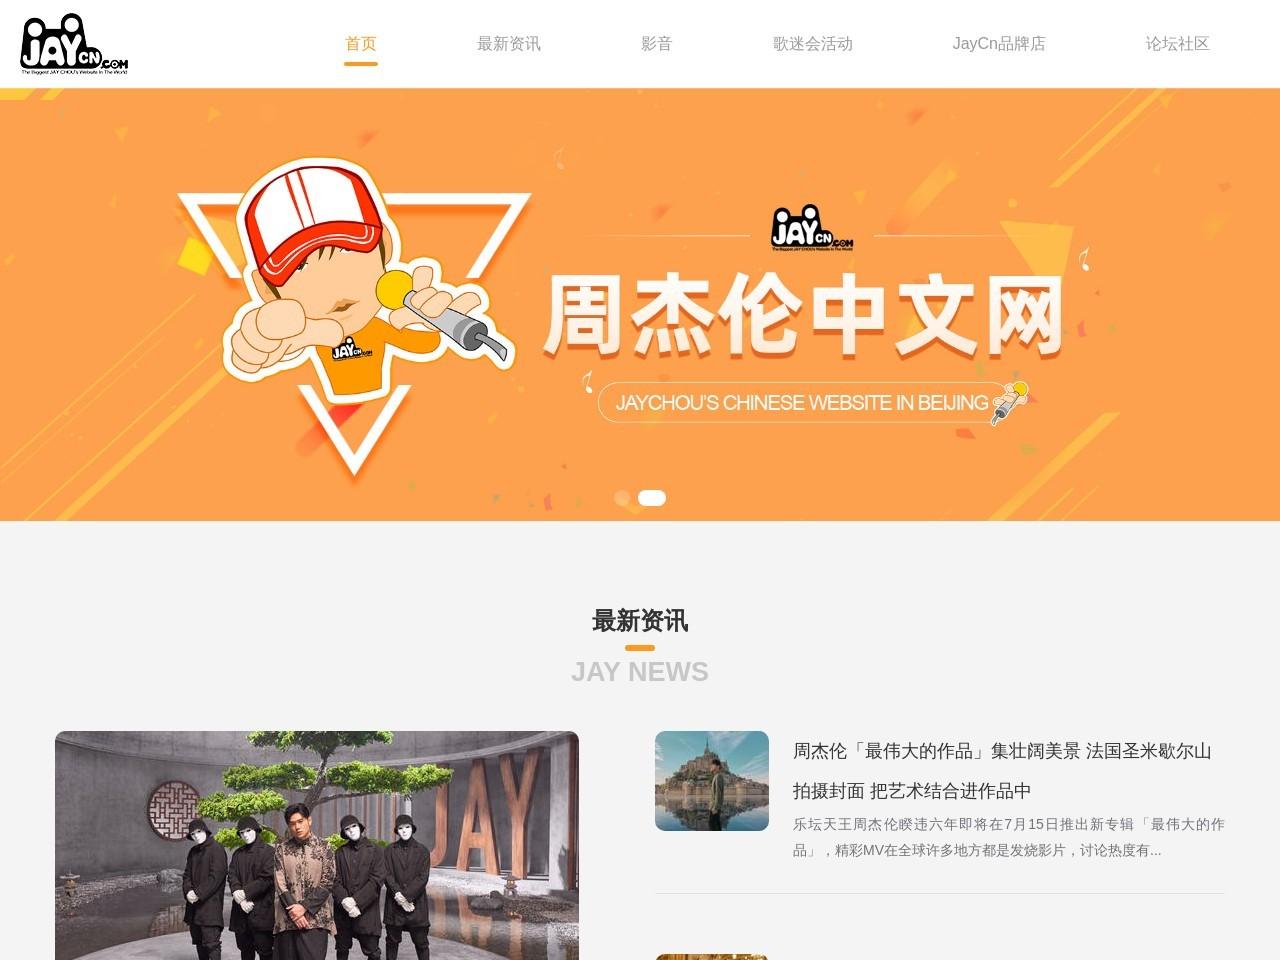 周杰伦中文网截图